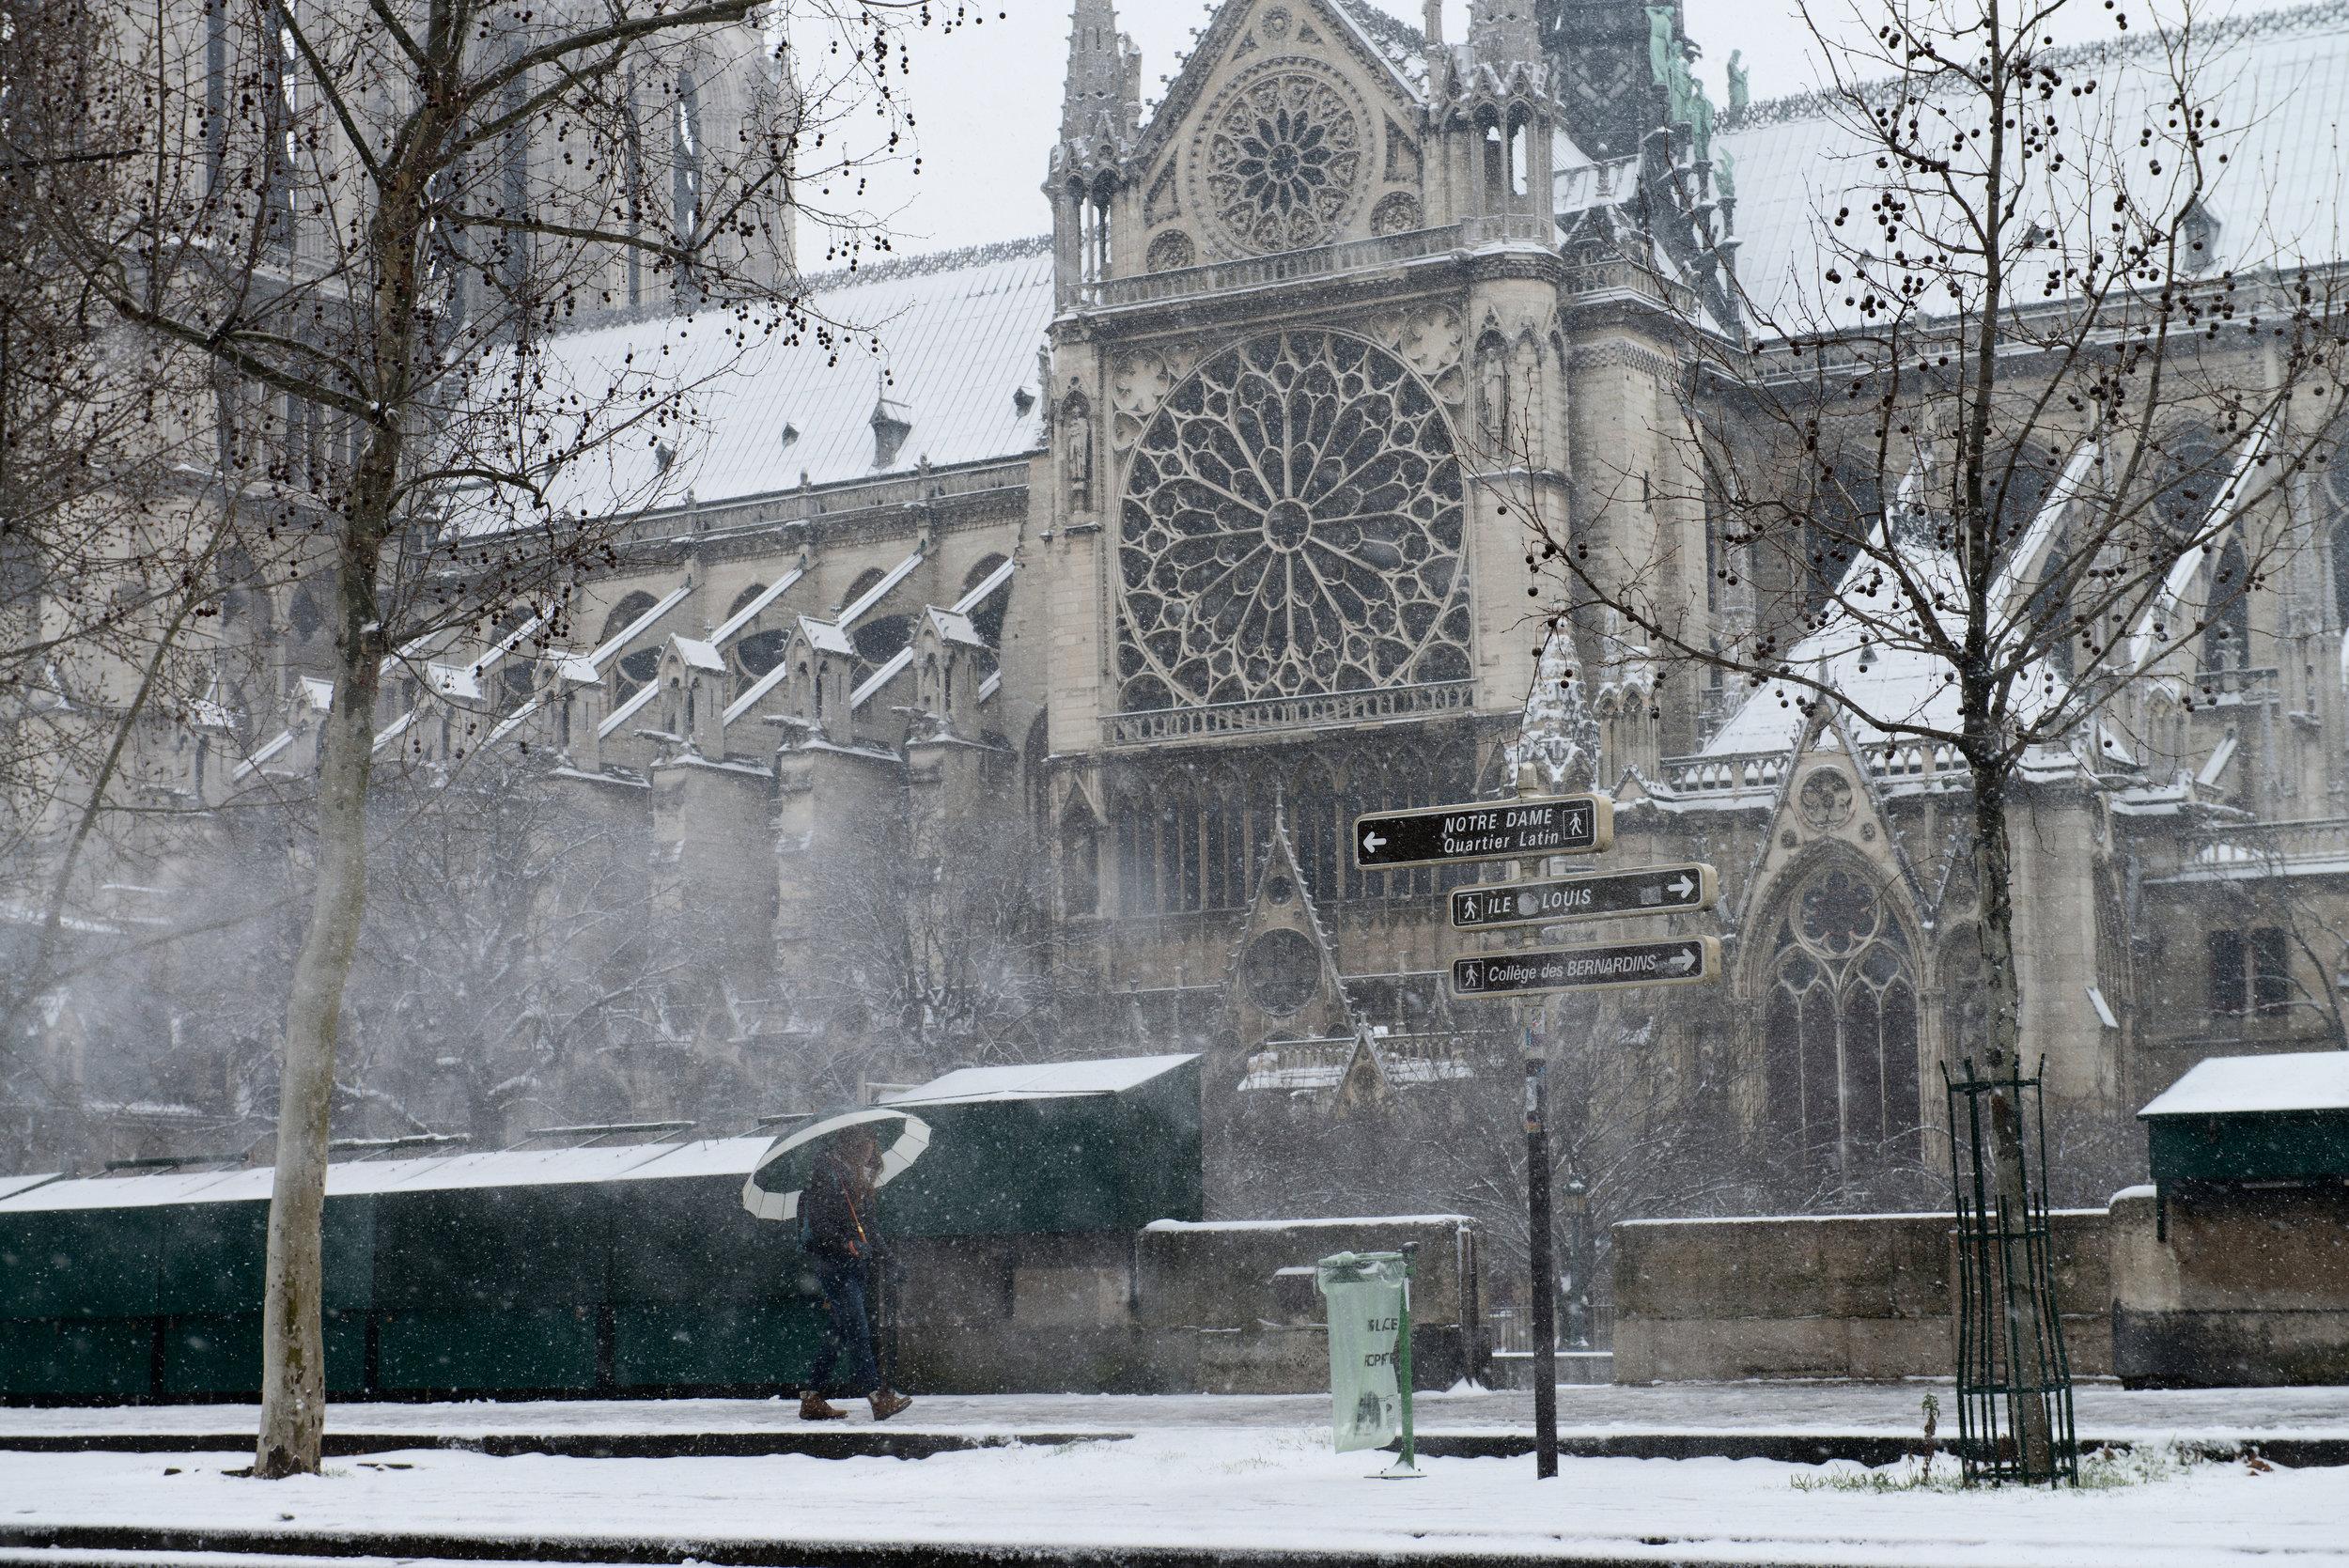 Notre Dame  PHOTOGRAPHY: William Lounsbury • NIKON D800 • AF-S NIKKOR 14-24MM Ƒ/2.8G ED @ 70MM • Ƒ/8 • 1/400 • ISO 400